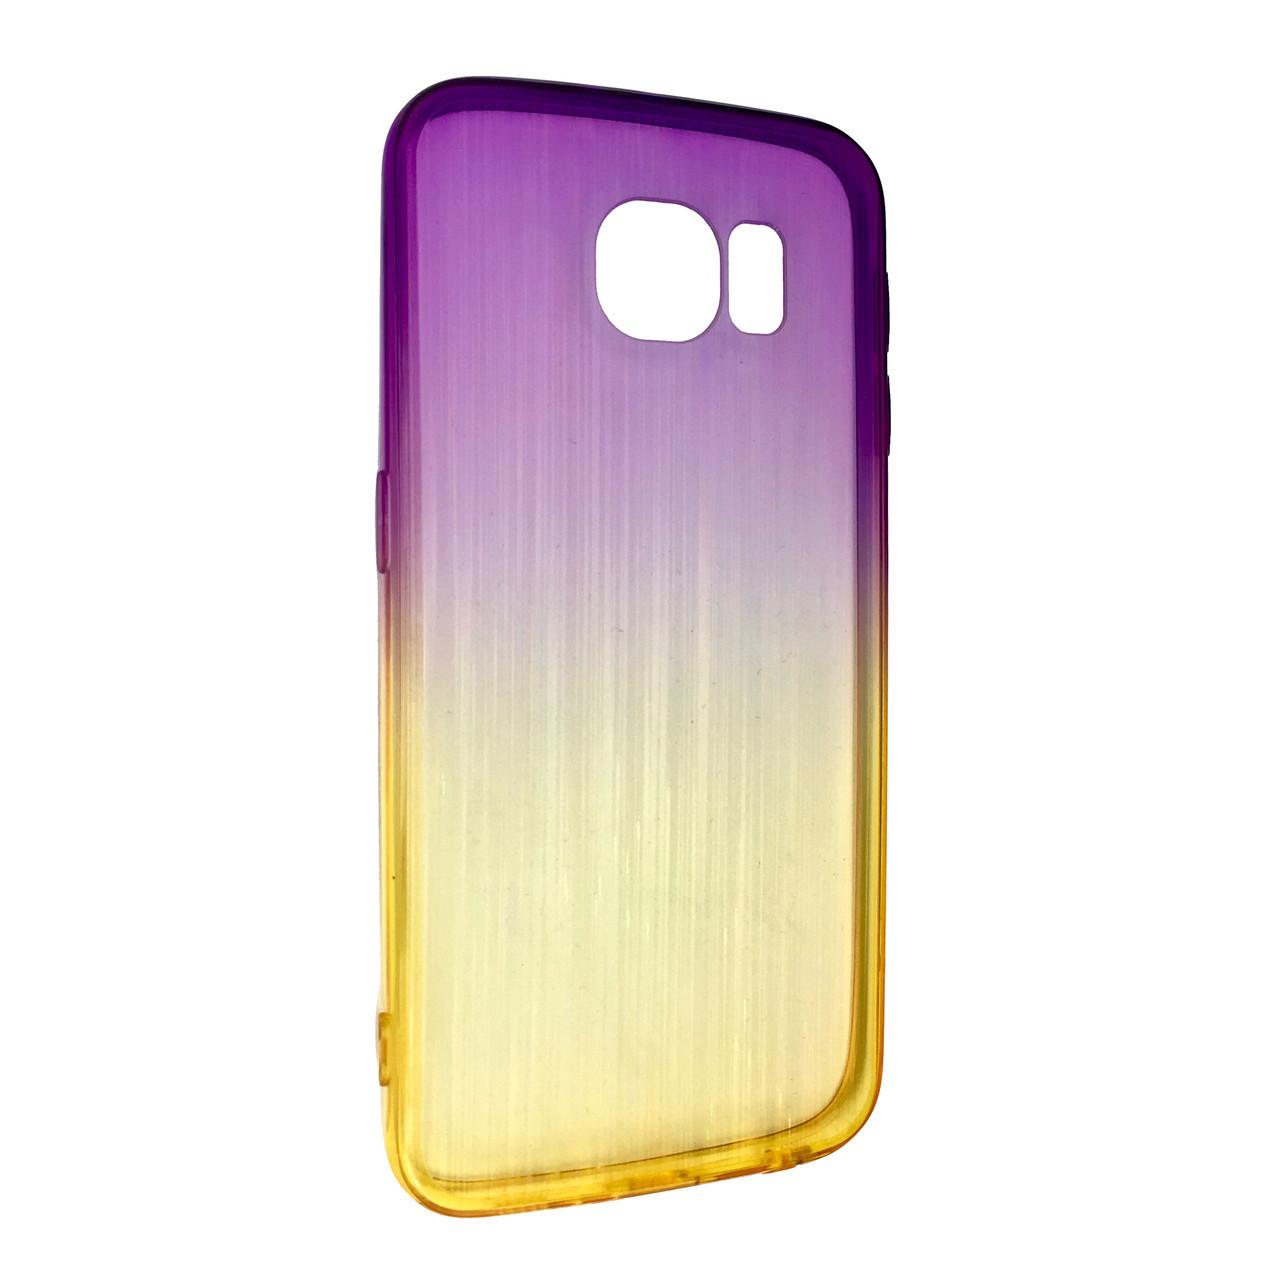 Чехол радуга градиент SAMSUNG S6 EDGE (yellow/violet)